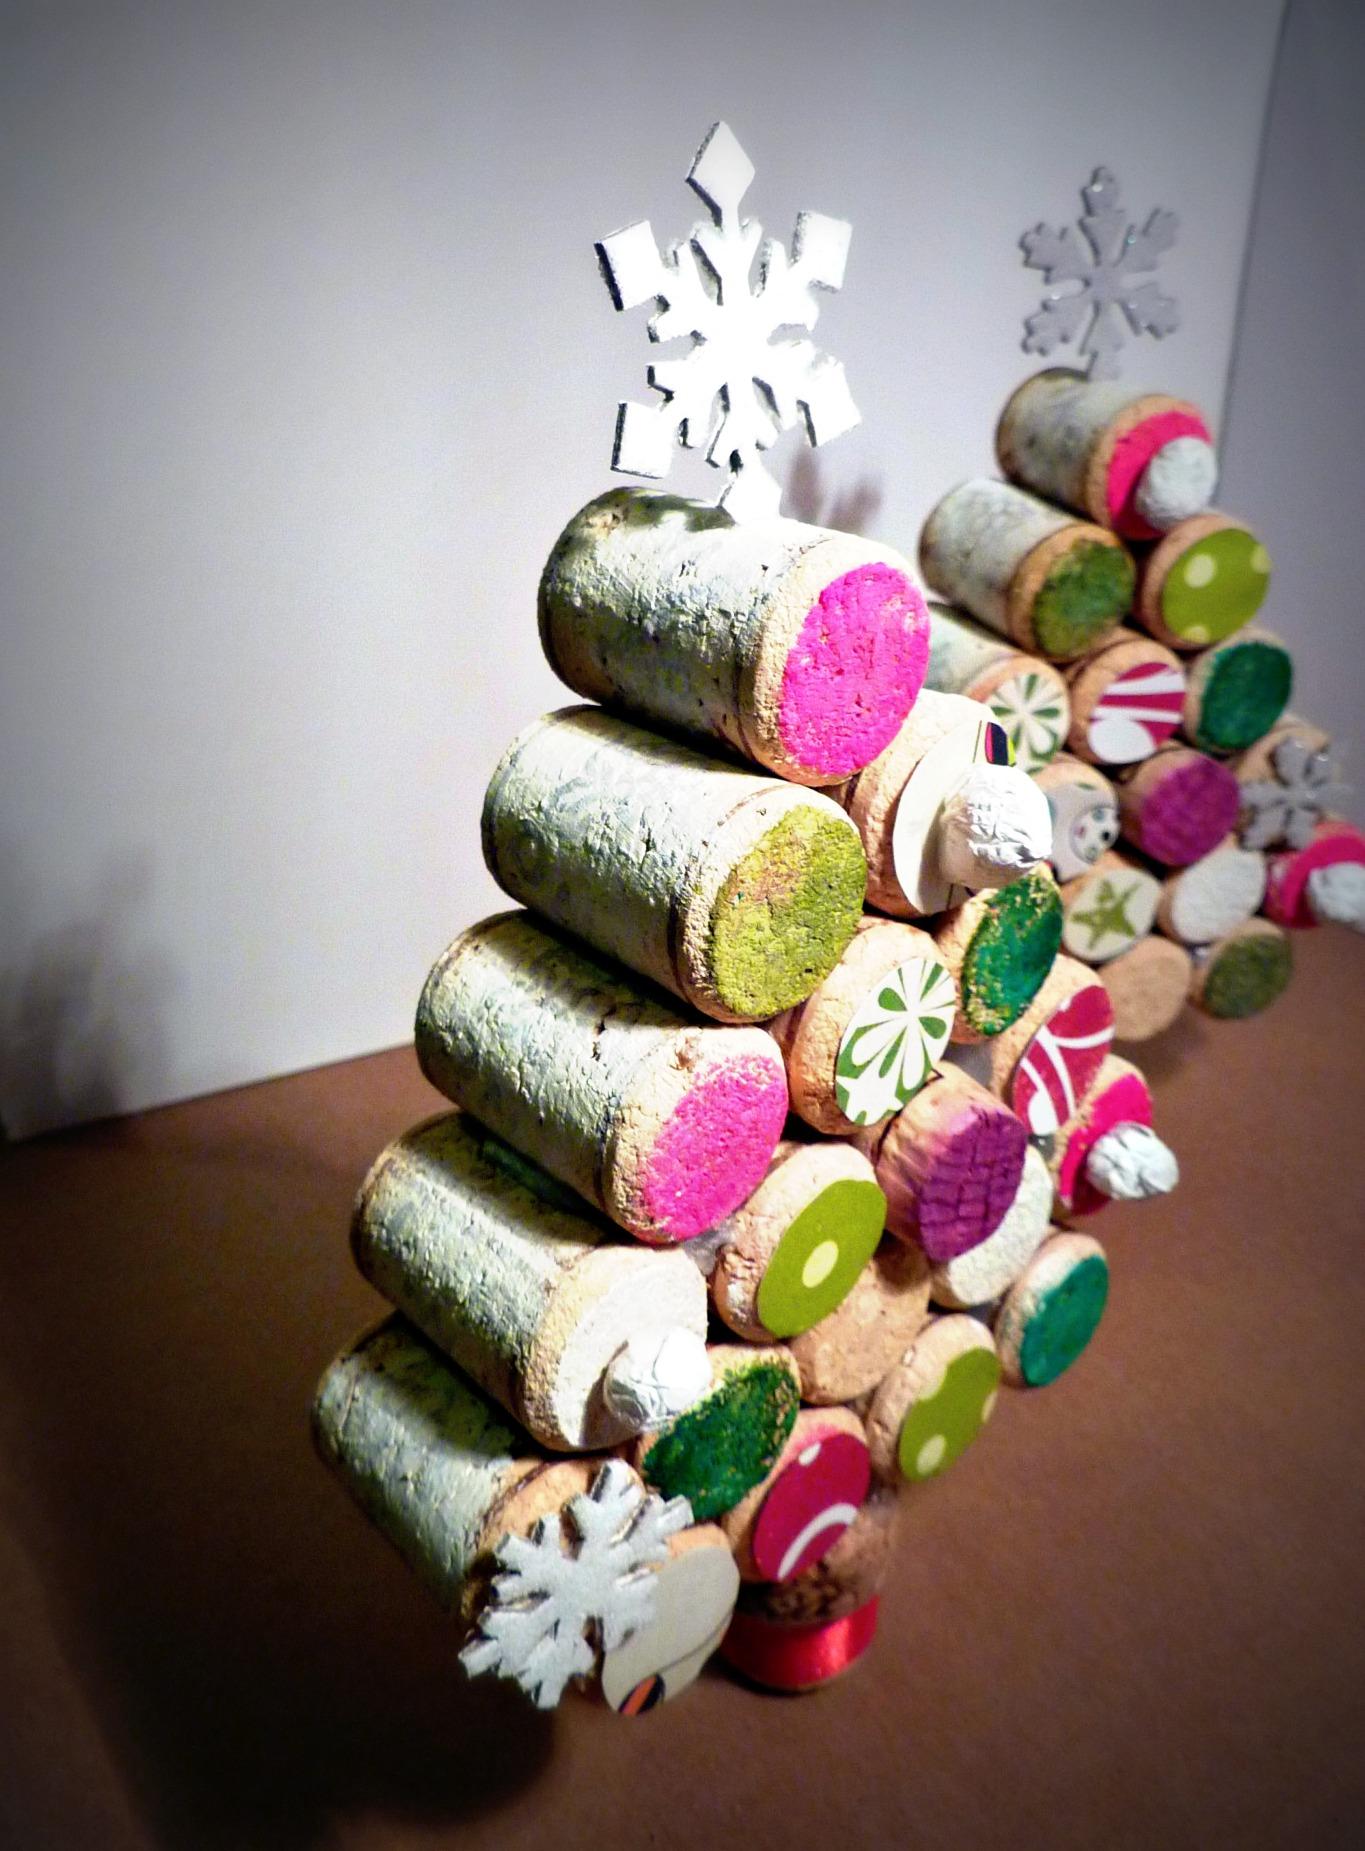 Pagina 1 di 8 della fotogallery lavoretti di natale con tappi di sughero. Albero Di Natale Con Tappi Di Sughero Lailalay